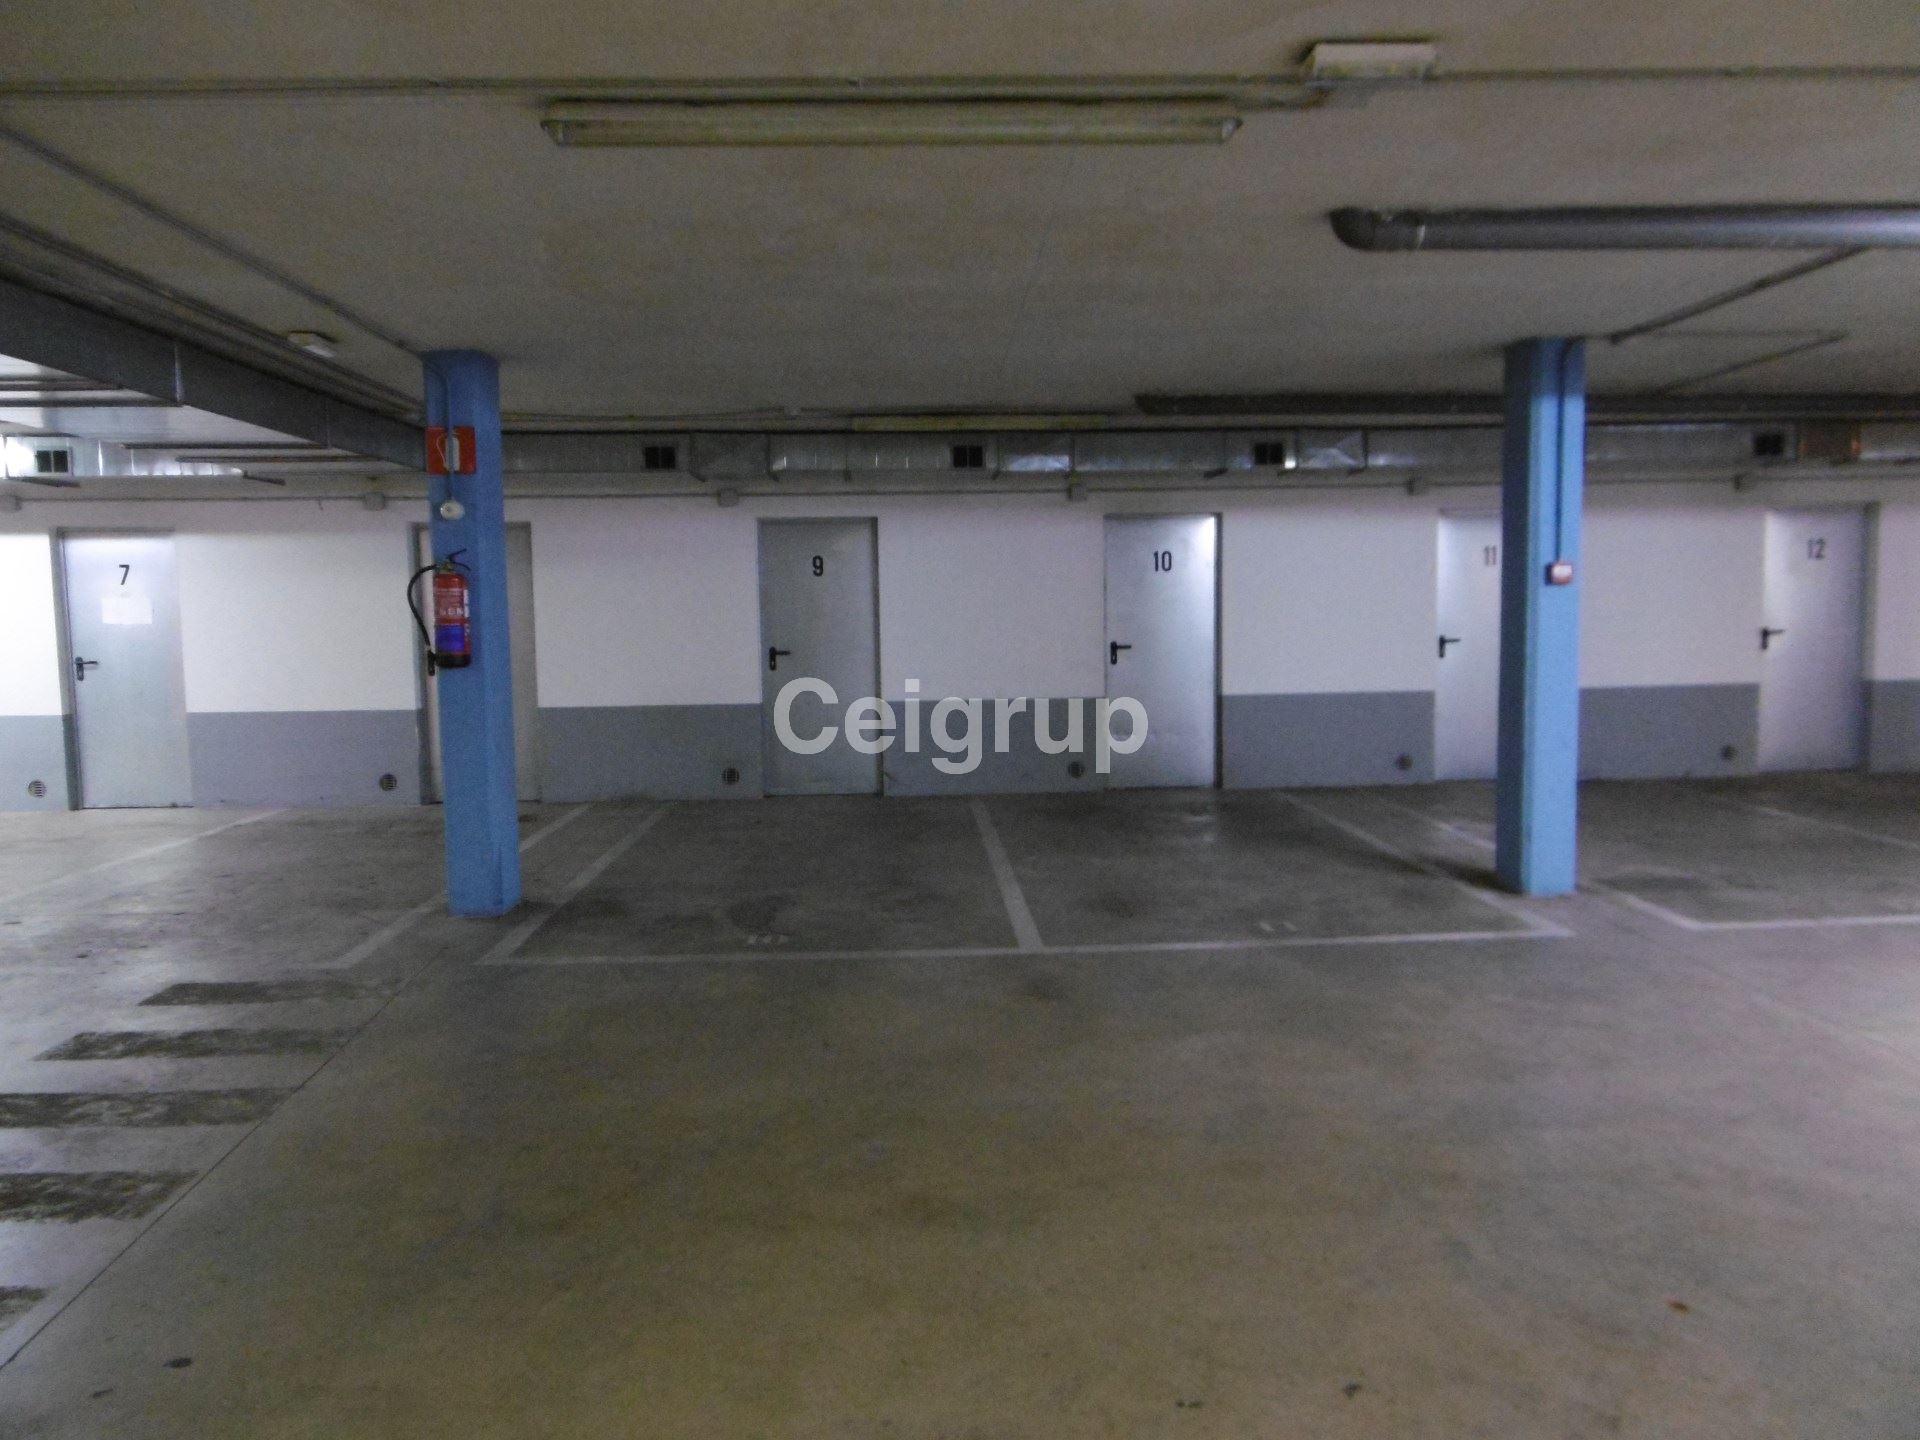 Alquiler piso figueres ceigrup inmobiliaries for Pisos alquiler figueres